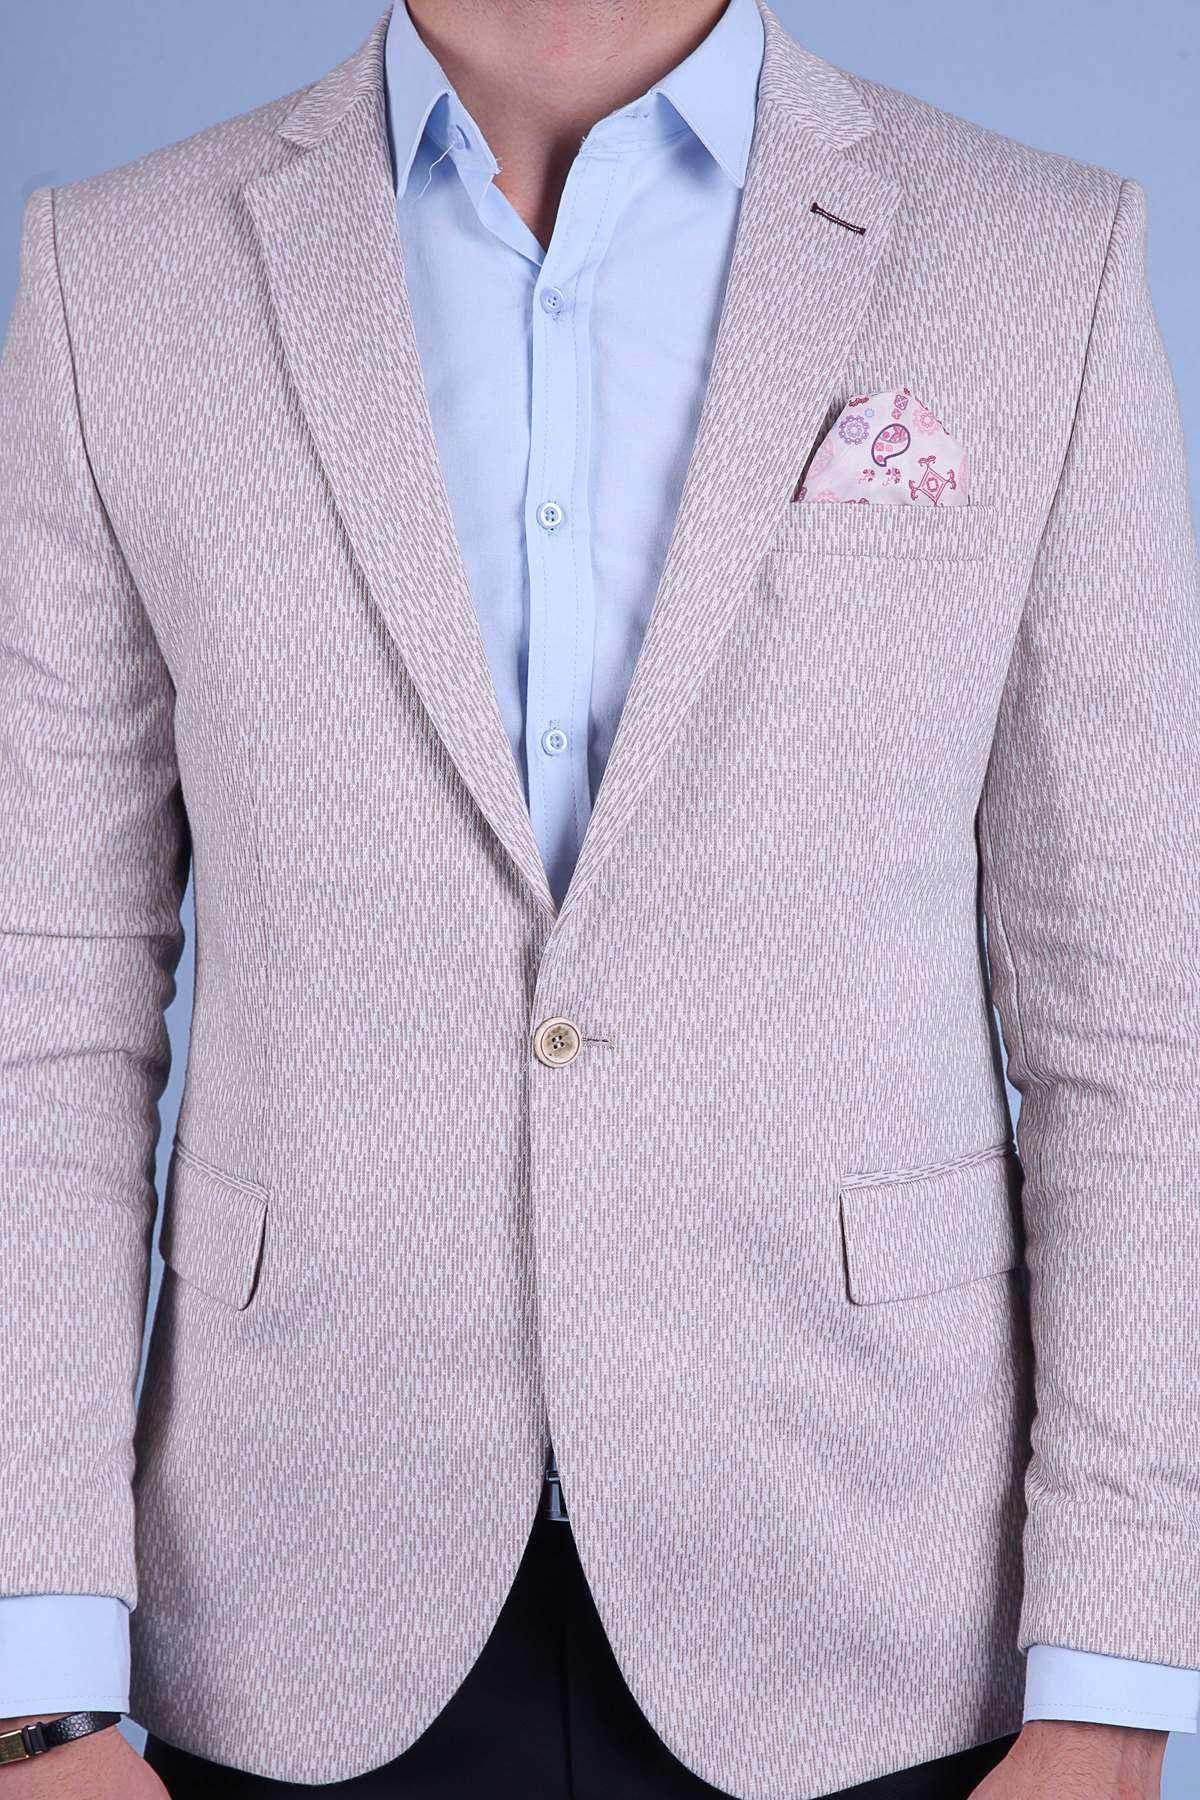 Boyuna Kesik Çizgi Desenli Slim Fit Ceket Bej